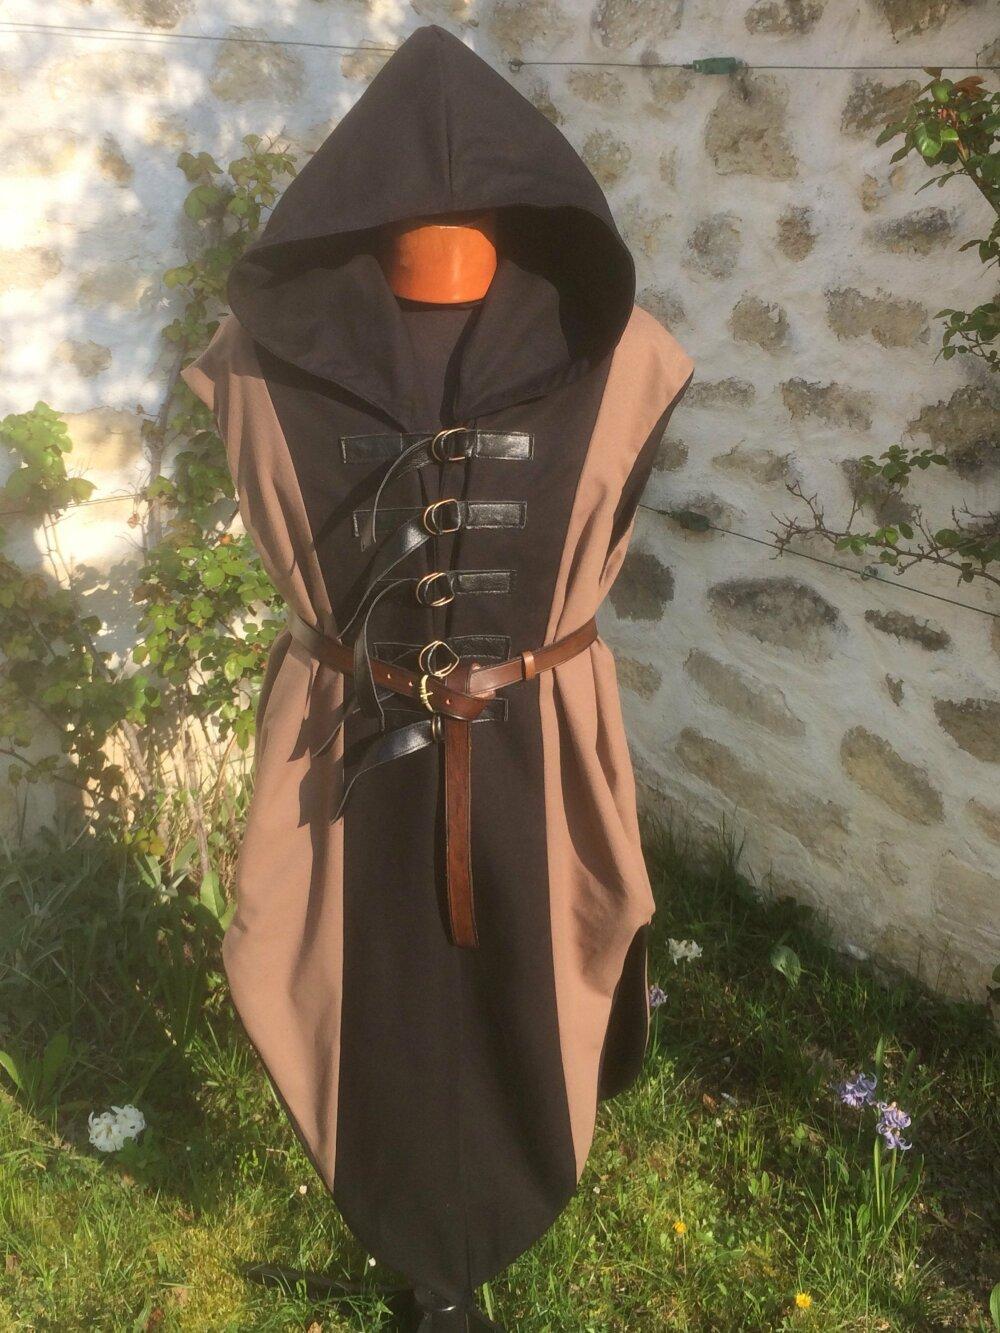 Tabard homme à capuche pour cosplay, costume steampunk et gothique, veste medievale fantastique, tenue viking, voleur, archer, elfe